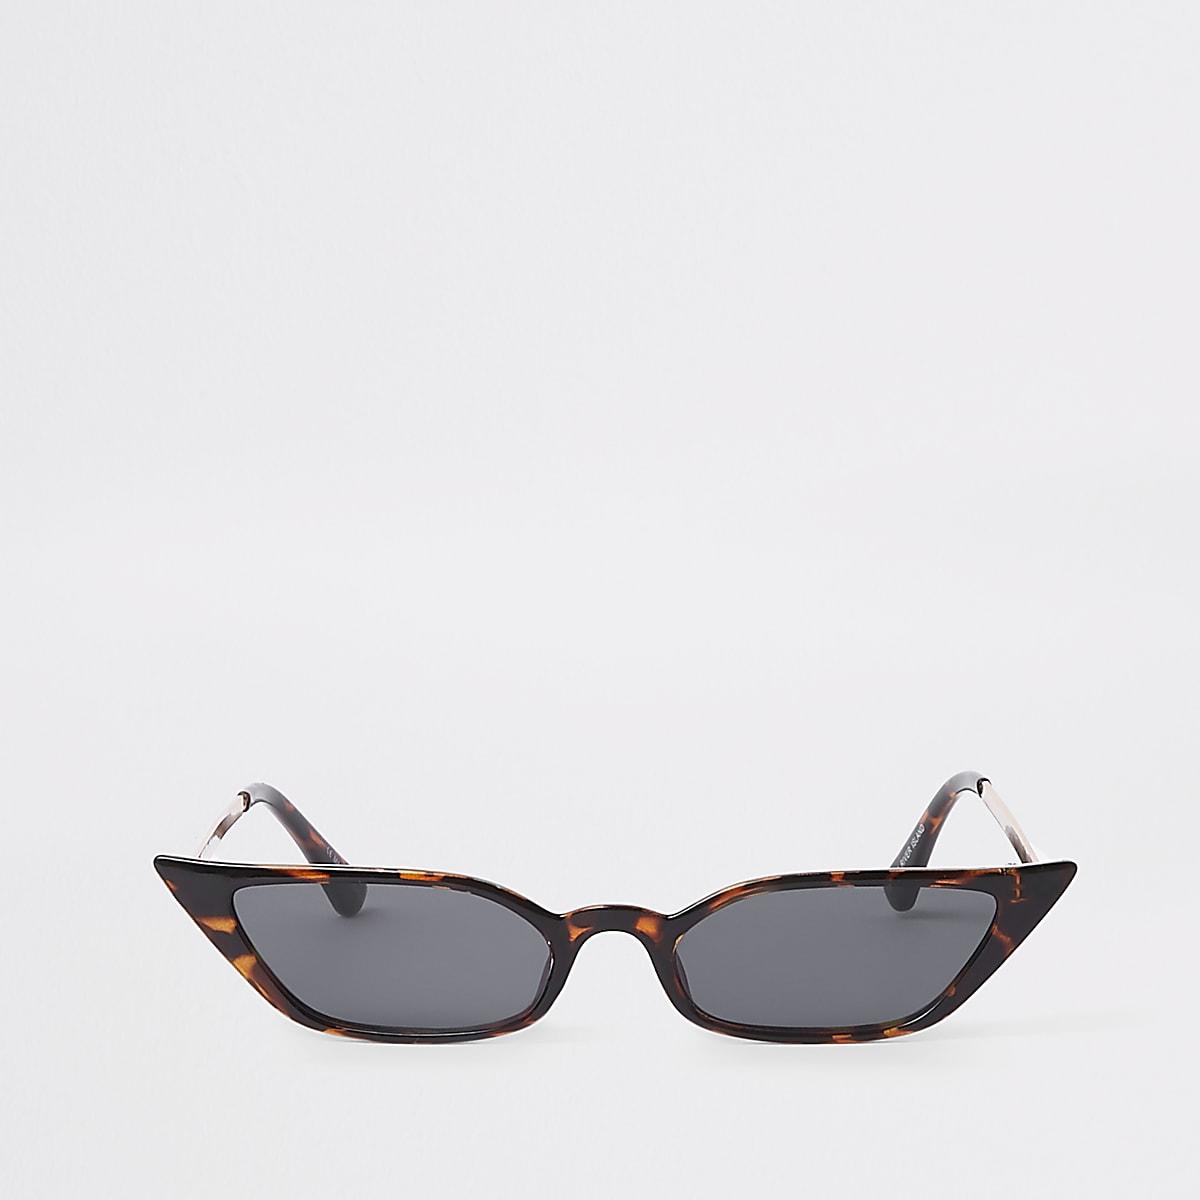 Brown tortoise shell slim visor sunglasses